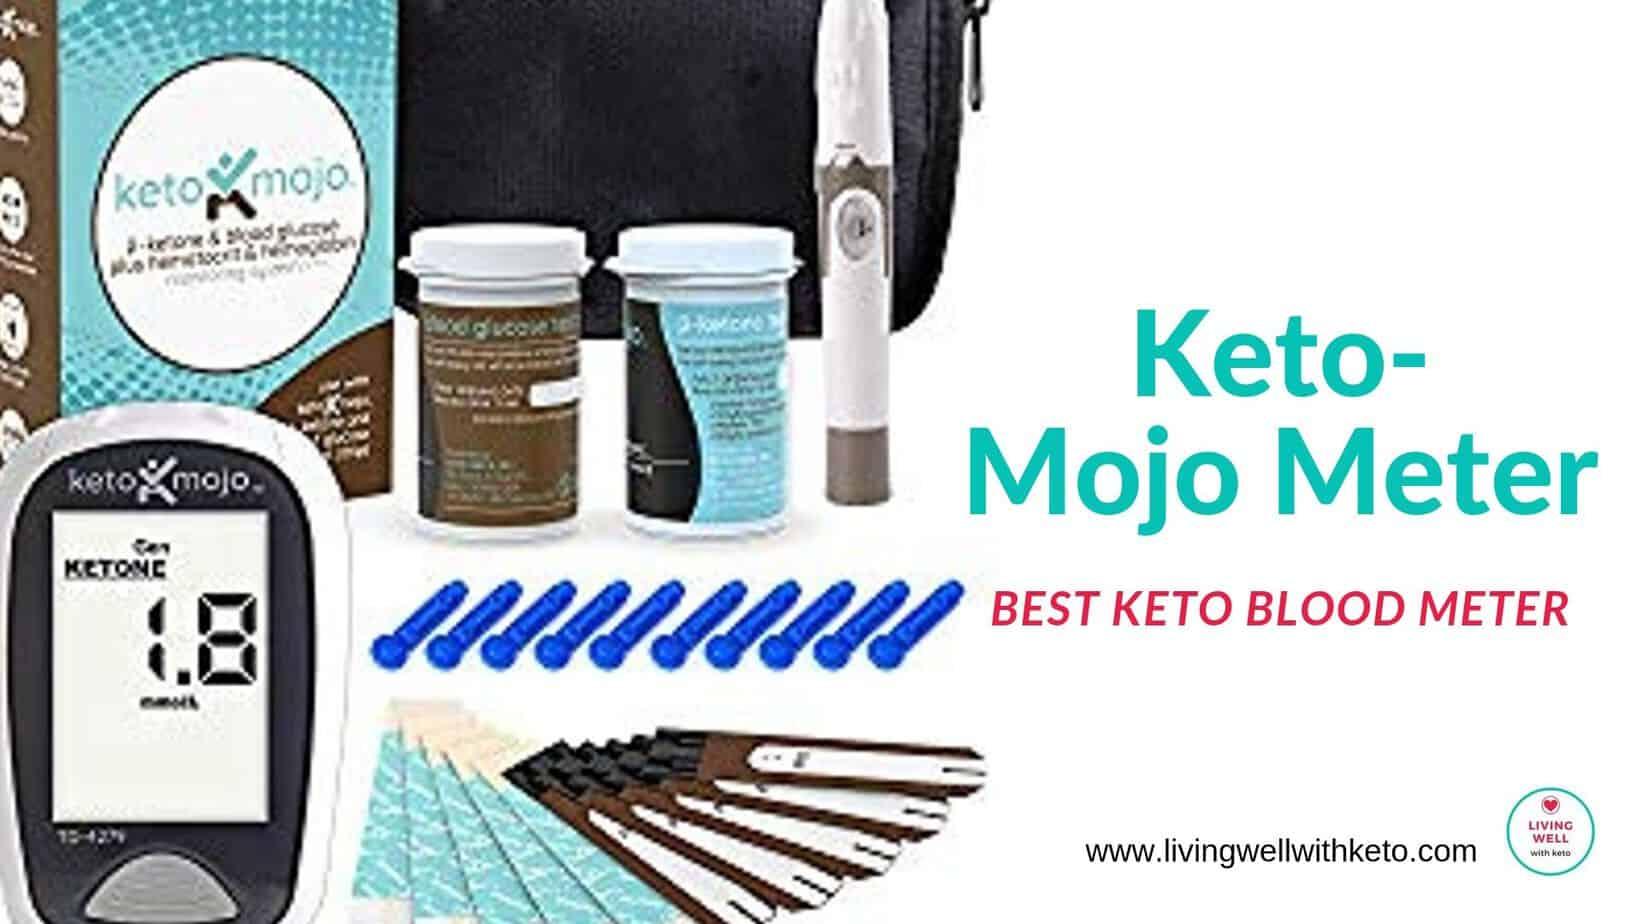 https://livingwellwithketo.com/keto-mojo-meter-best-keto-blood-meter/